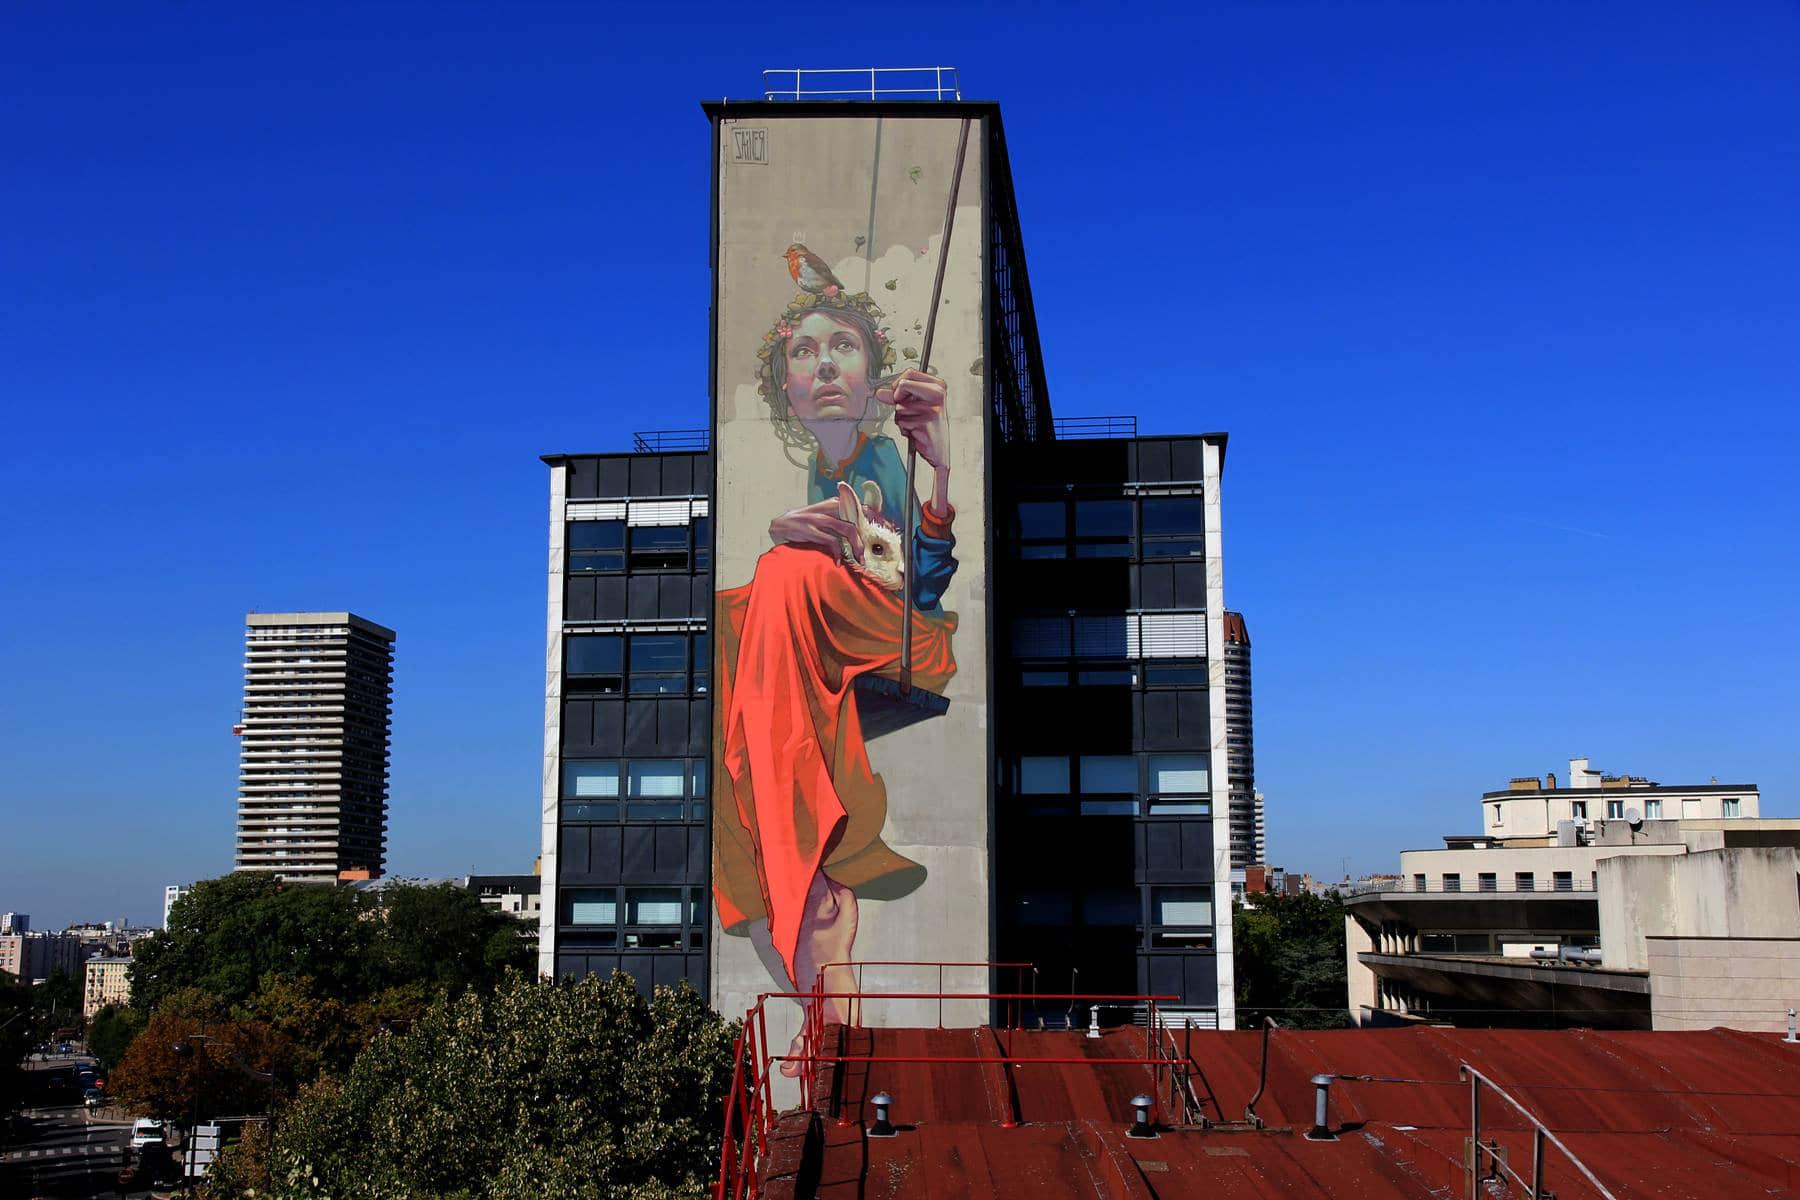 来自波兰的超现实街头壁画艺术欣赏